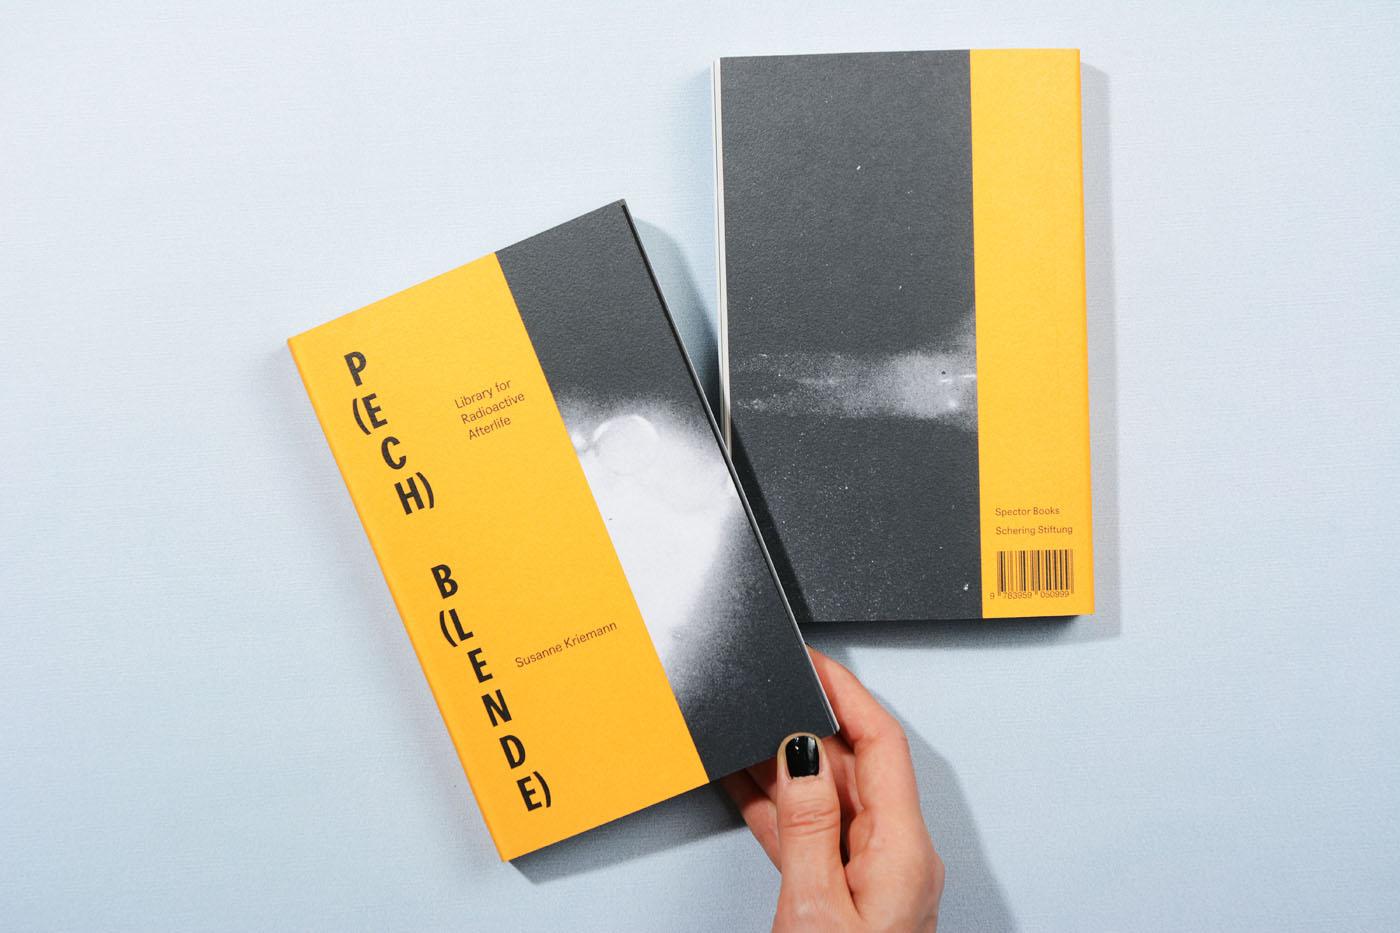 """Gestaltung des Künstlerbuches """"P(ECH) B(LENDE). Library for Radioactive Afterlife"""" von Susanne Kriemann"""